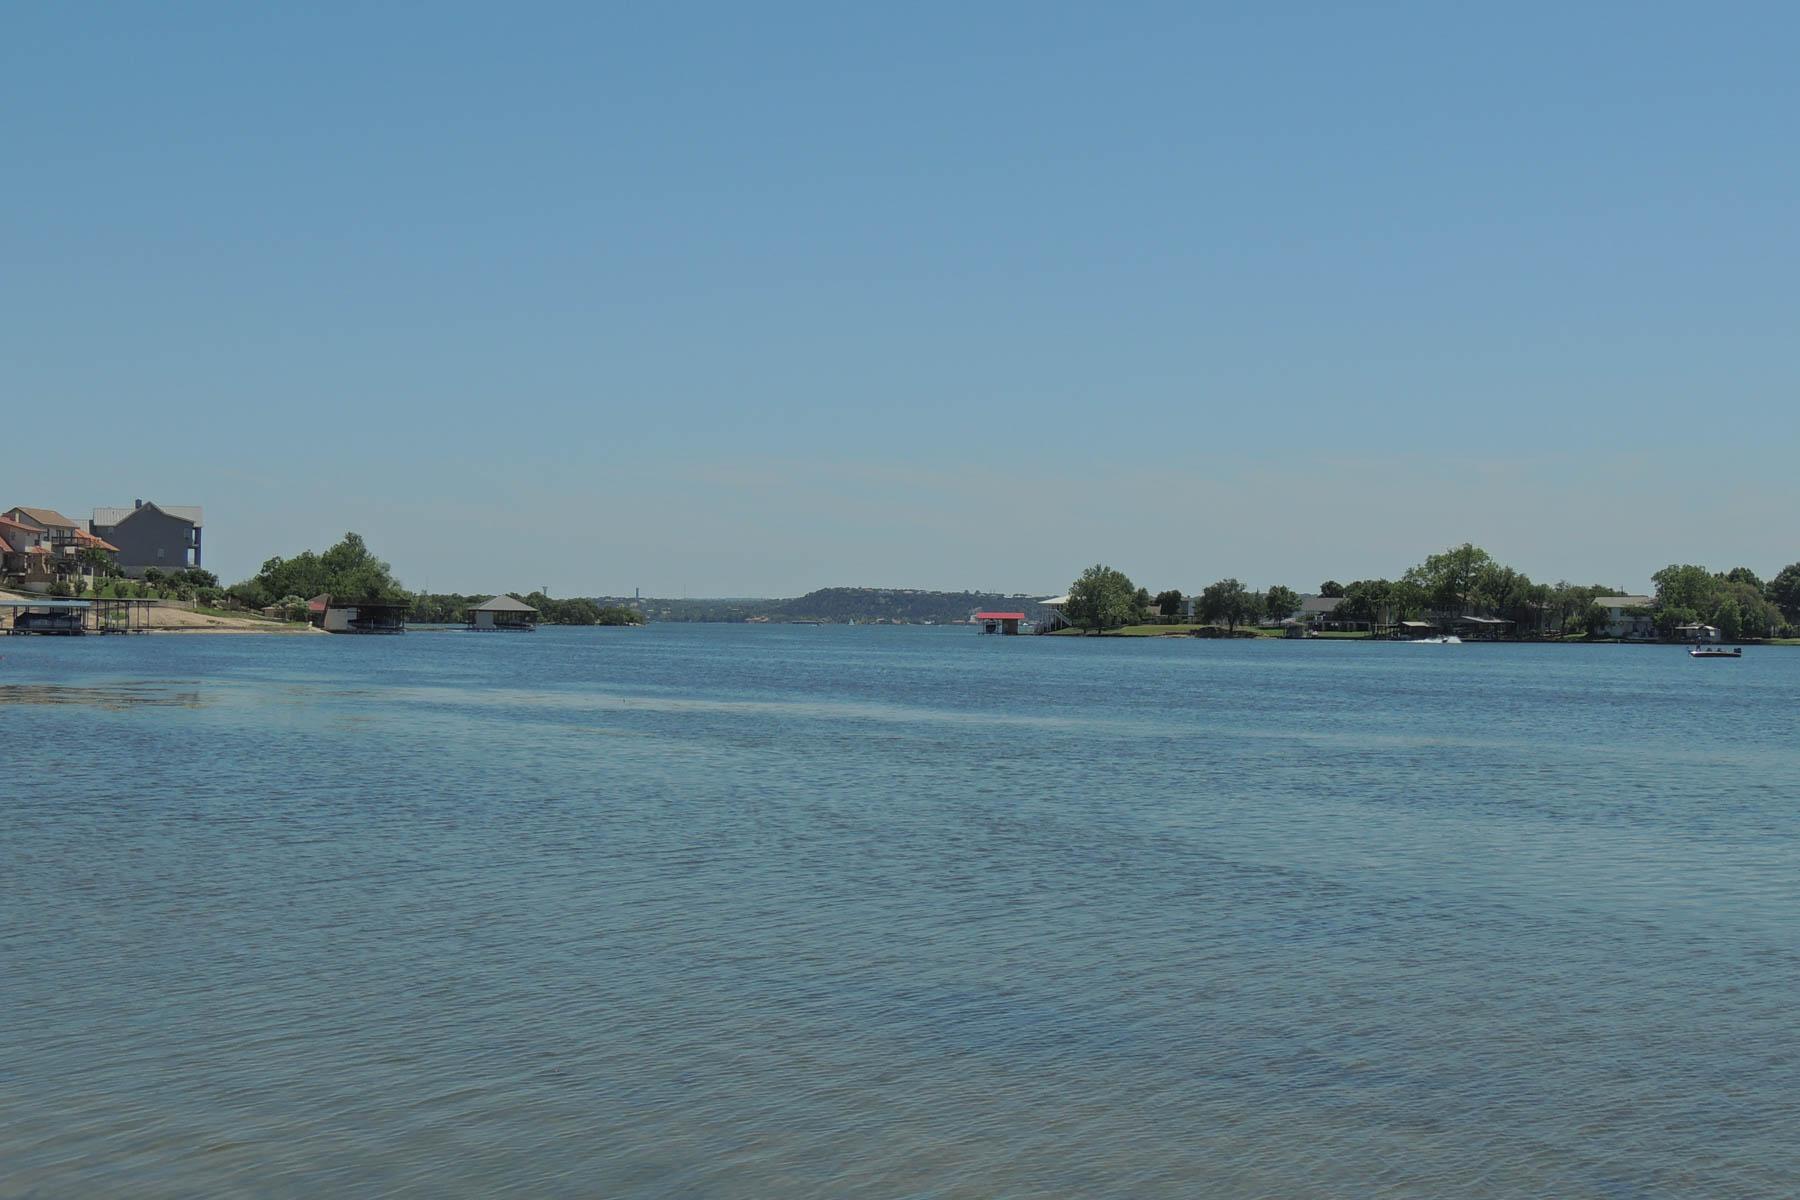 Đất đai vì Bán tại 878' of Lake LBJ Waterfront Lot 701 Woodland Hills Dr Granite Shoals, Texas 78654 Hoa Kỳ